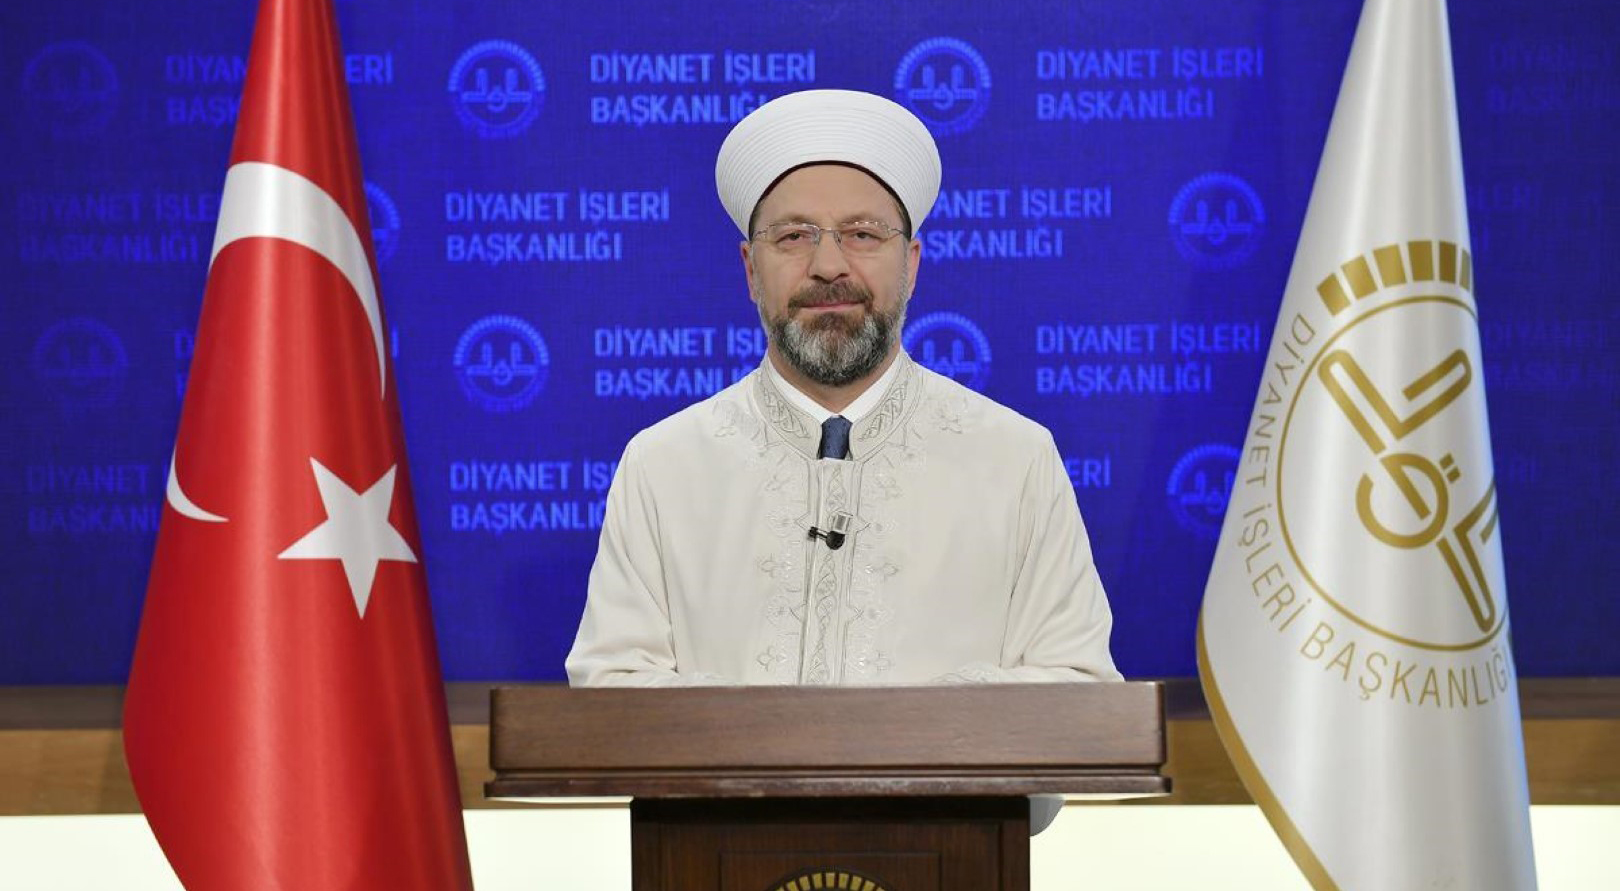 Sünnet, İslam'ın pratiği ve temel hüküm kaynaklarından biridir